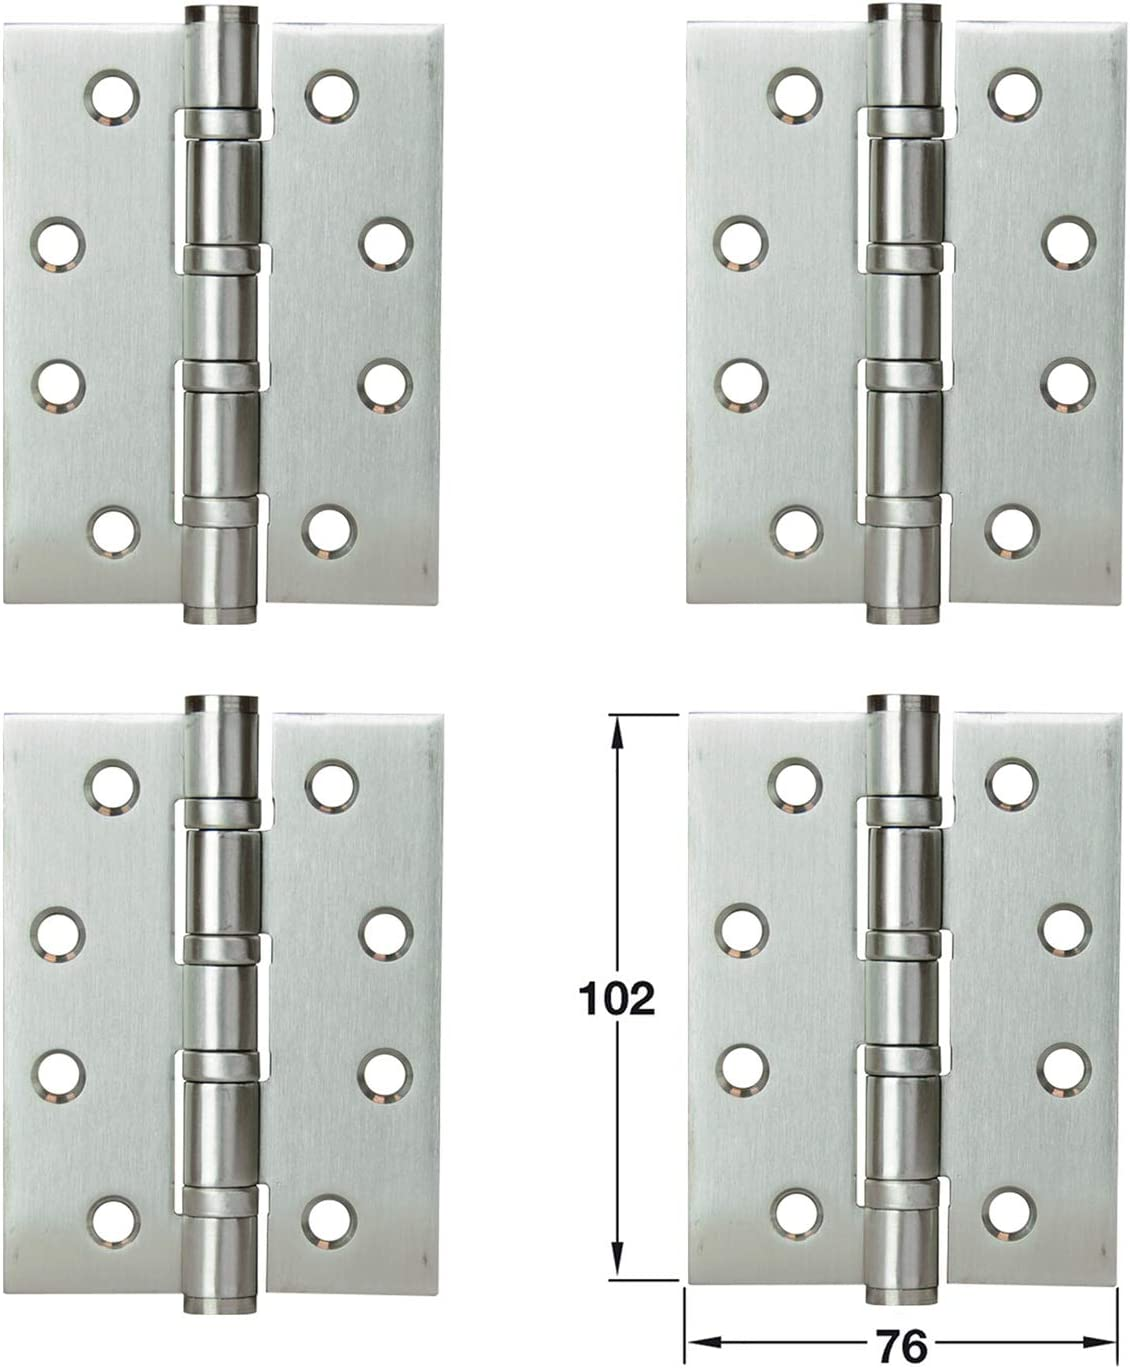 LOOTICH Bisagras de Puerta Acero Inoxidable Bisagra a Tope 102 x 76 mm para Atornillar con Rodamiento de Bolas Para Puertas de Interior sin Galce Hasta 80kg (4 Piezas)